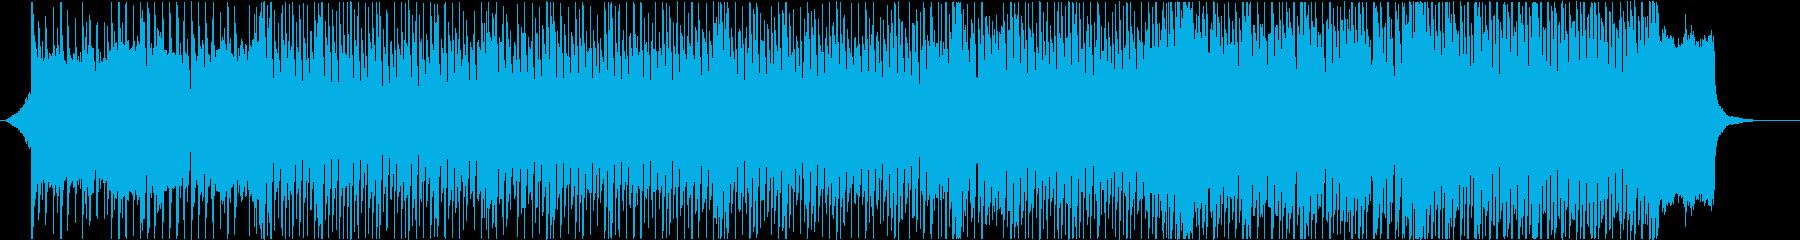 明るく希望的で楽しい雰囲気のテクノポップの再生済みの波形